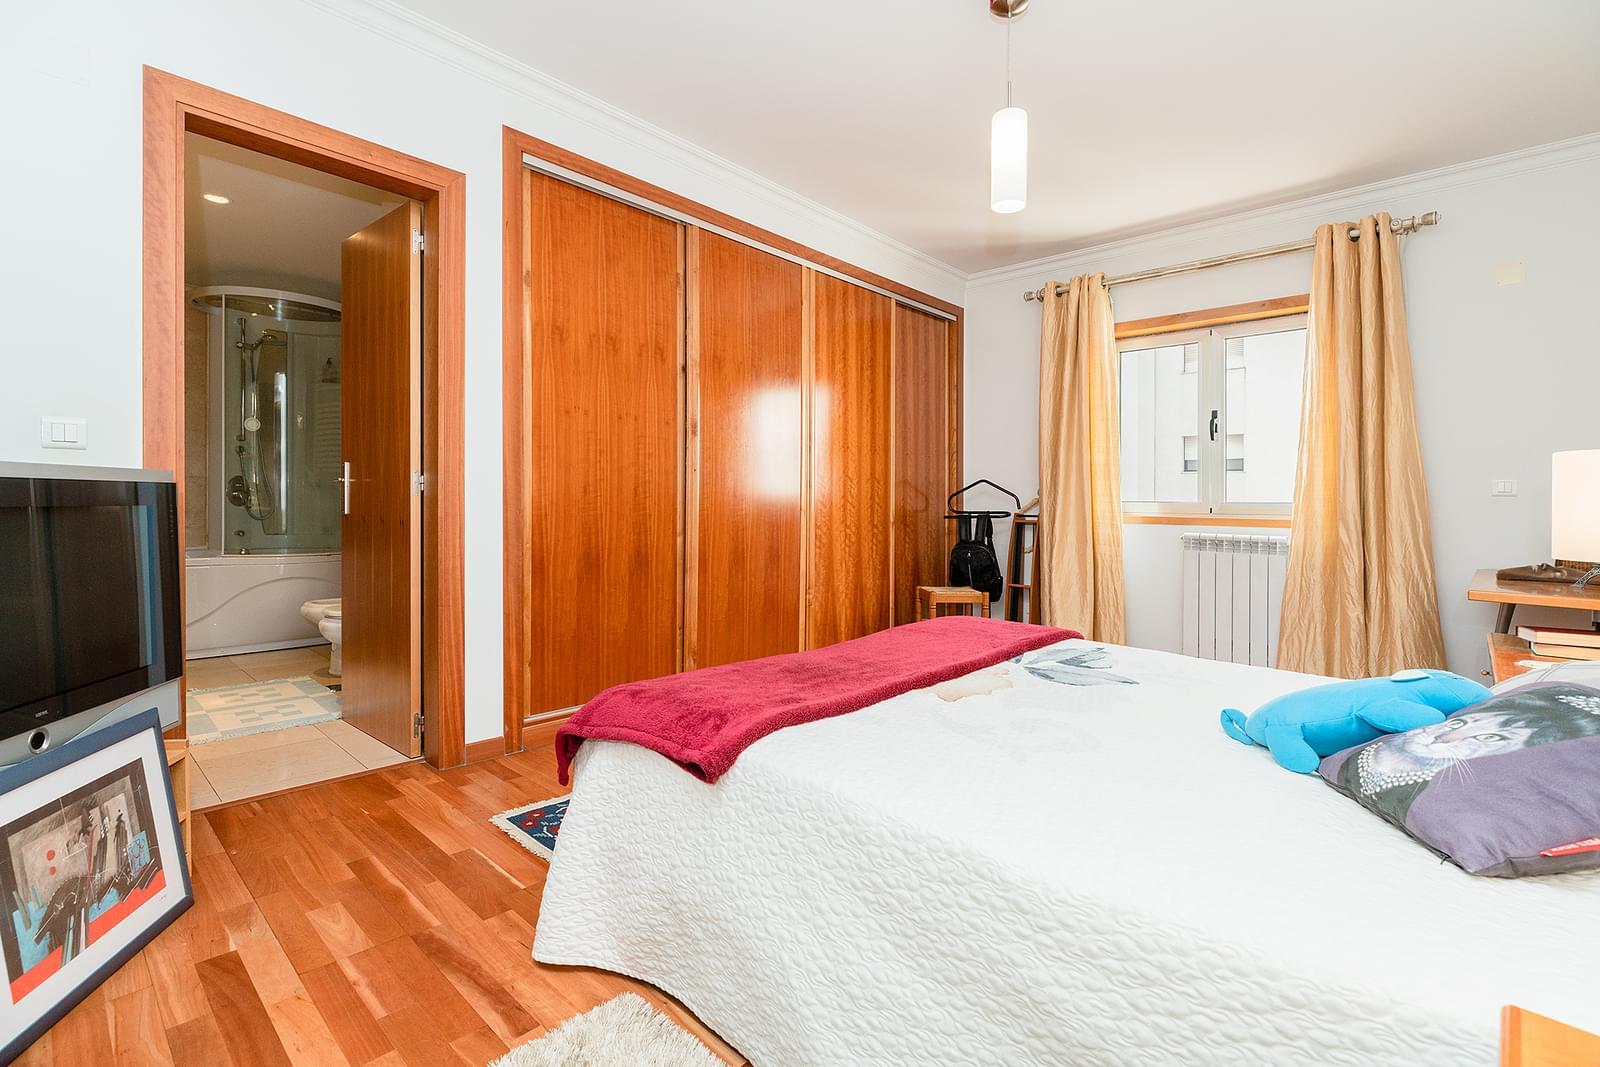 pf18049-apartamento-t3-lisboa-fd52f1ca-9ea0-4ec3-ba0d-96dd3406661b